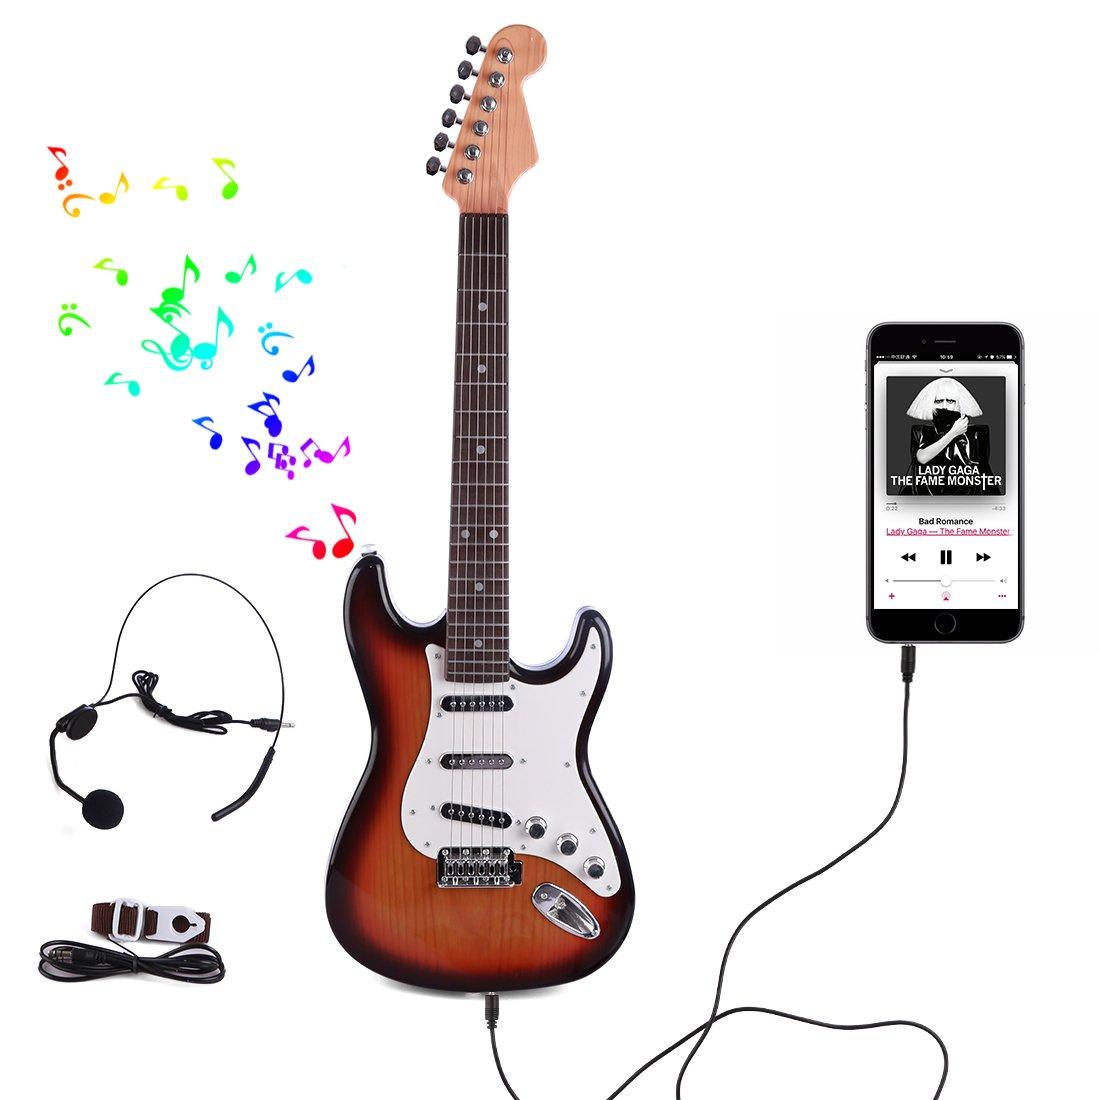 YVSoo Guitarra Eléctrica para Niños, 6 Cuerdas Guitarra Juguete,Guitarra clásica Instrumentos Musicales Educativos Simulación Juguete Regalo